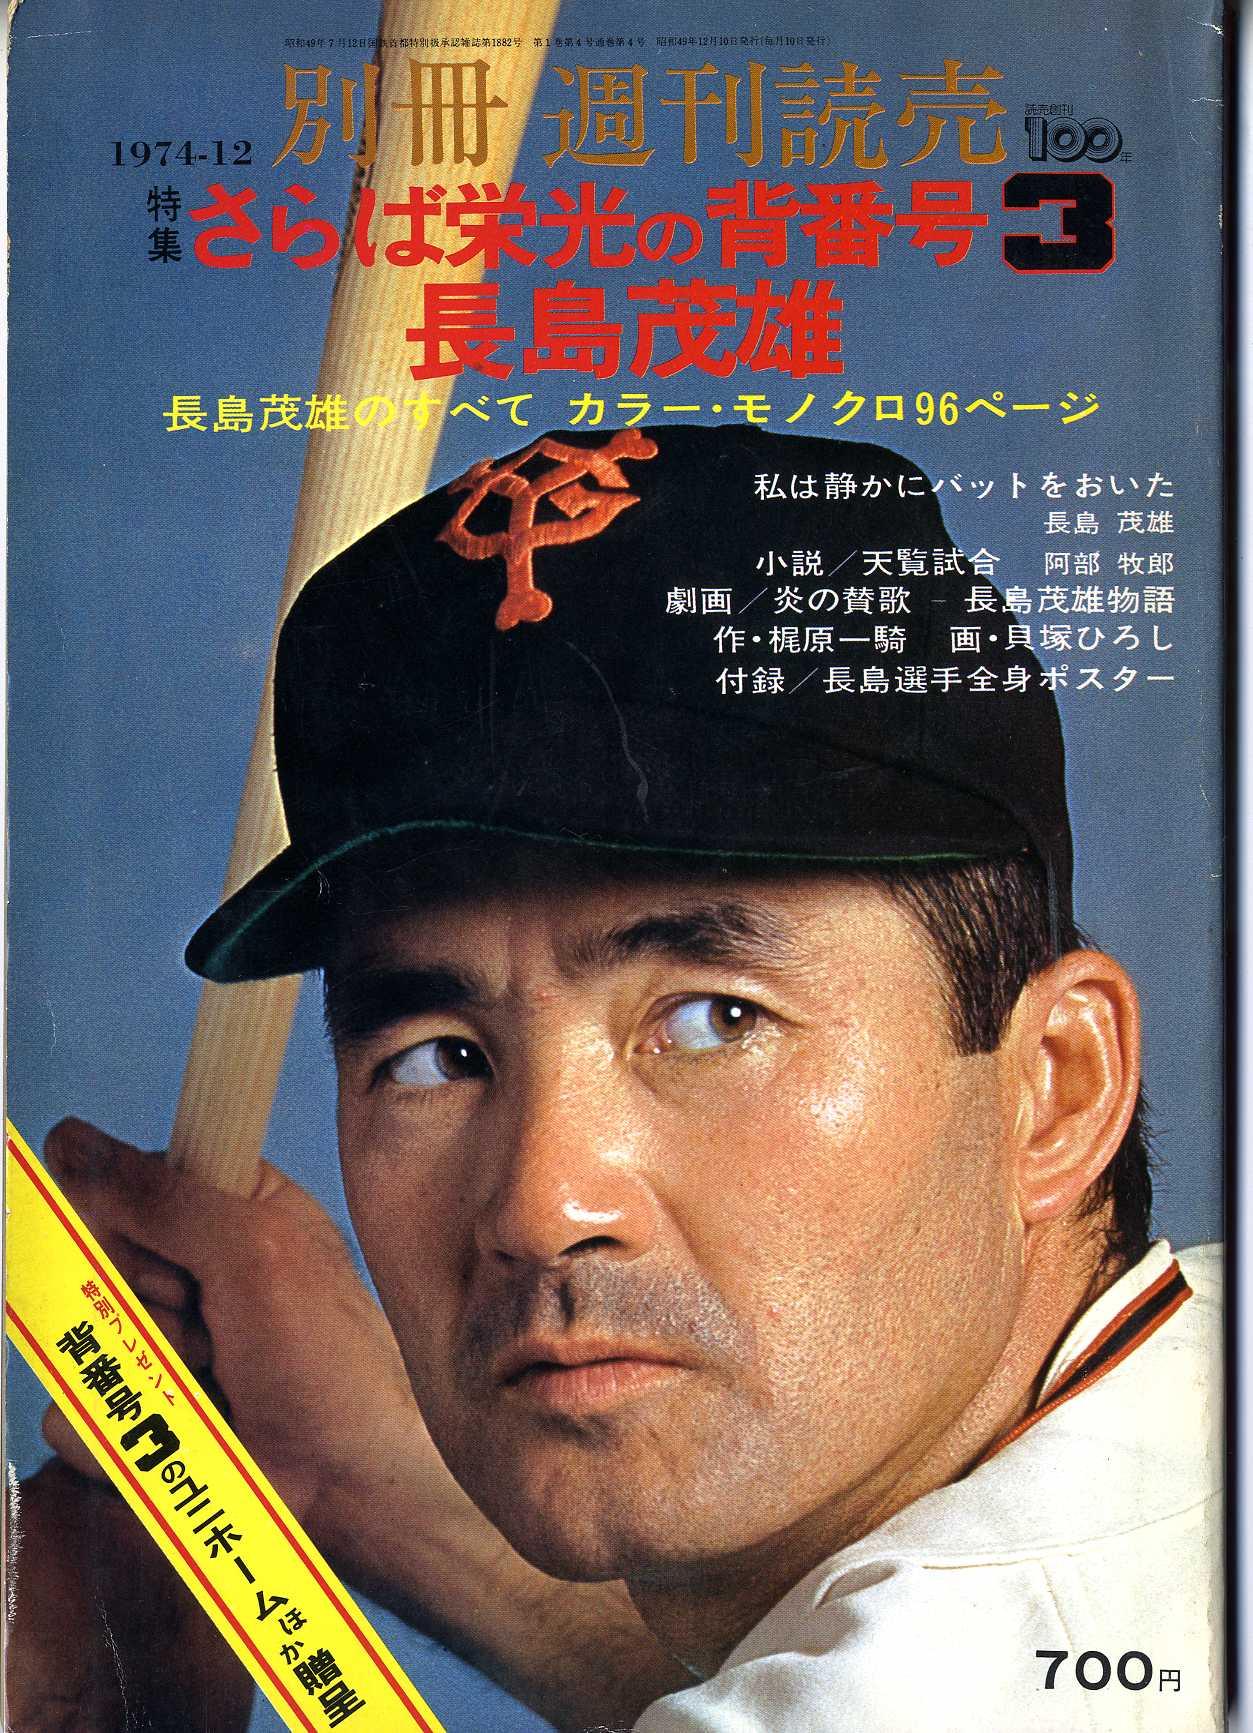 「長嶋茂雄の打撃記録が美しい」という話。長嶋茂雄の素晴らしさを考える。